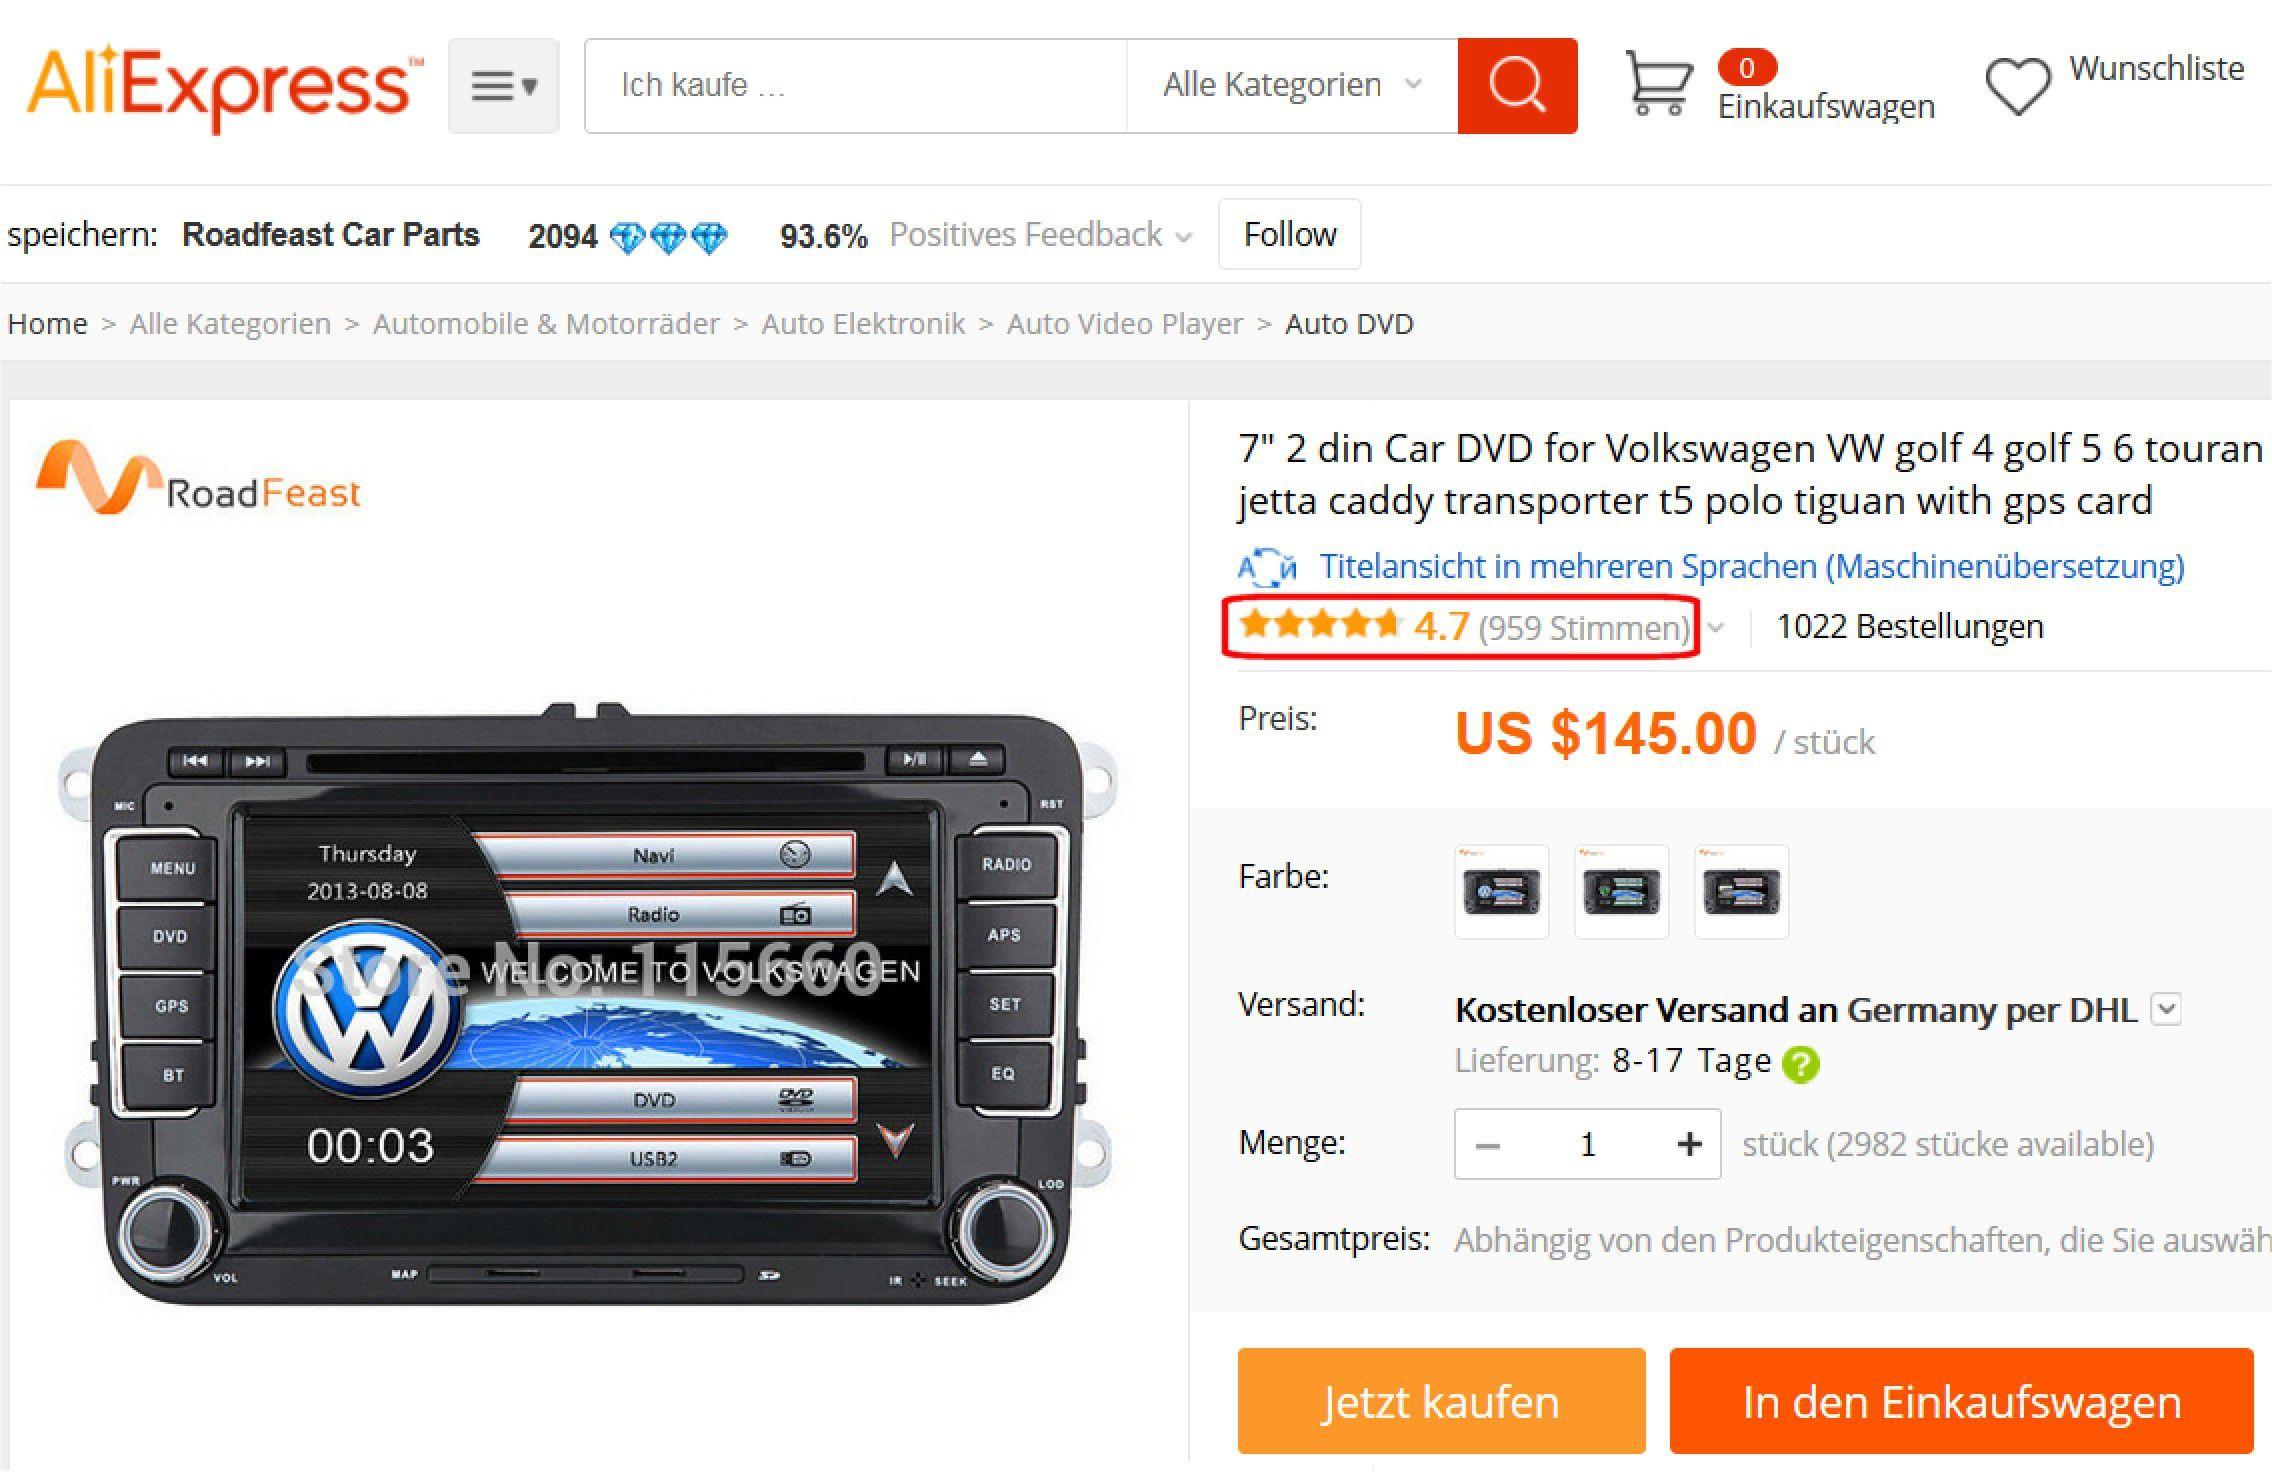 b1a2d56ede9289 Vergrößern Ein willkürliches Beispiel aus einem Asien-Shop  Für dieses  No-Name-Autoradio spricht nicht nur der günstige Preis  es gibt auch fast  1000 ...